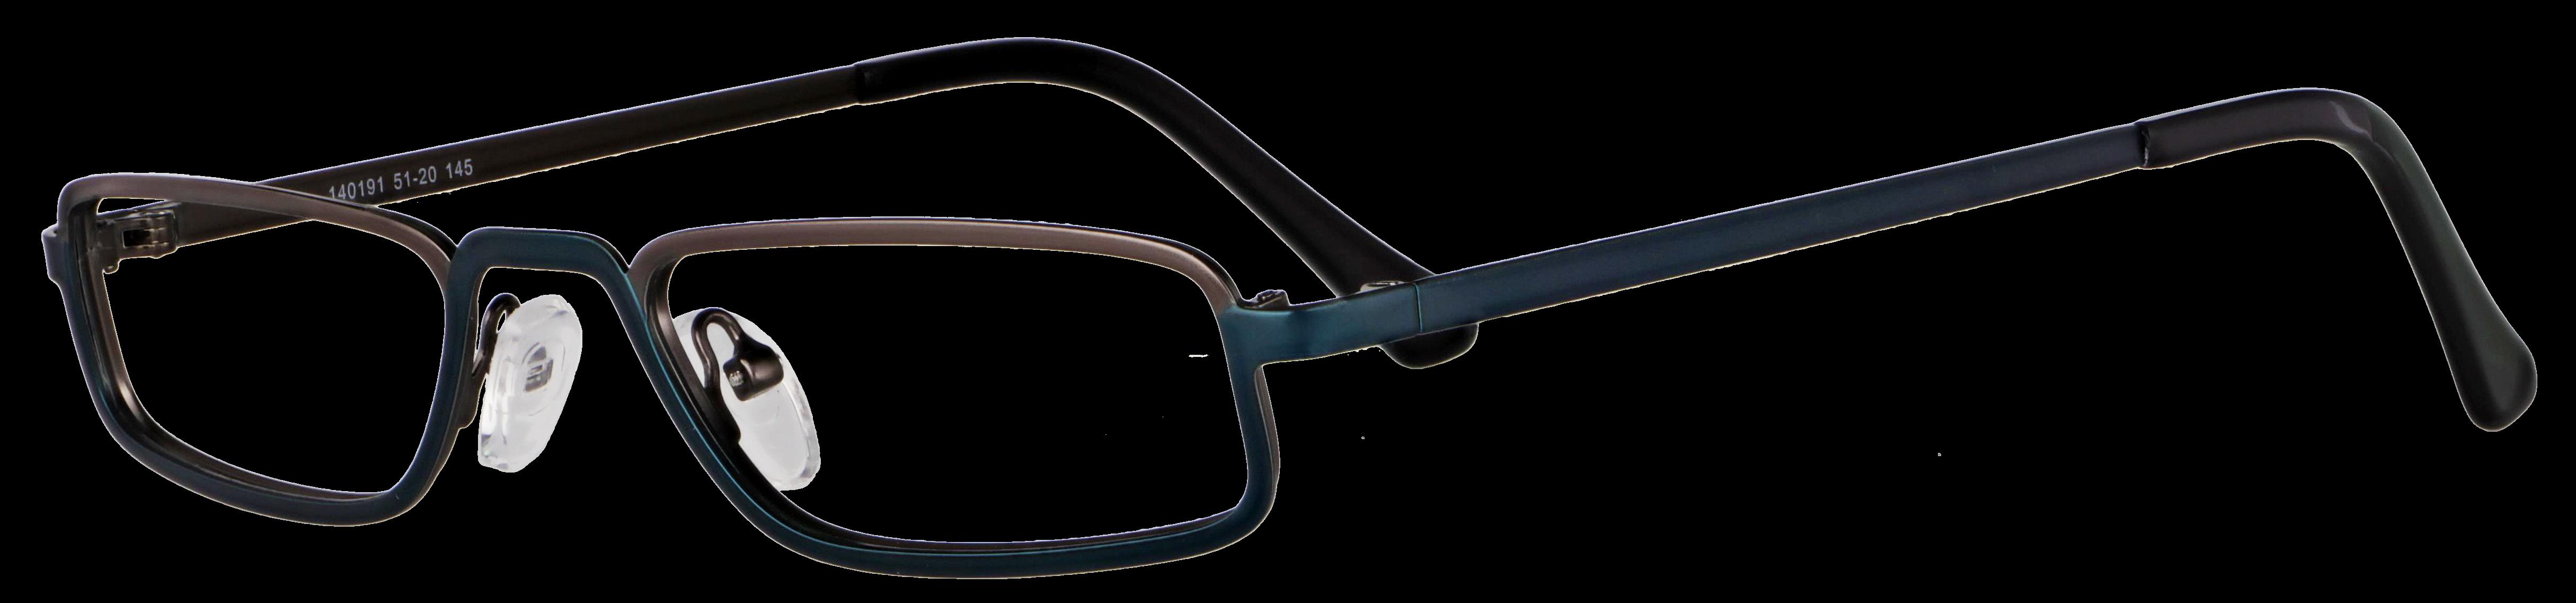 abele optik Brille 140191